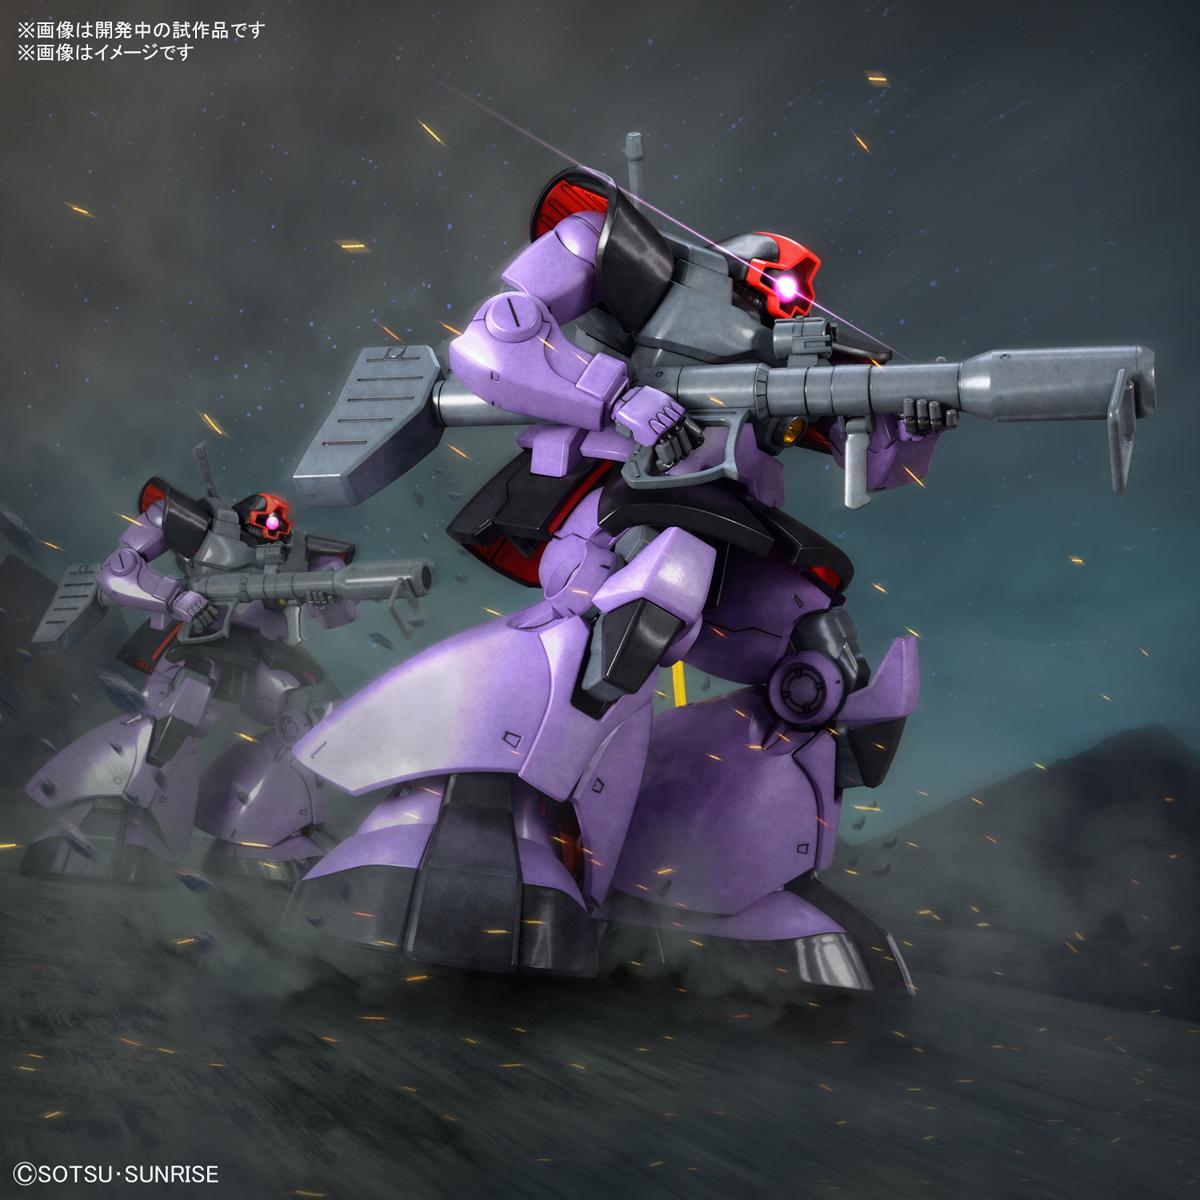 MG 1/100『ドム』機動戦士ガンダム プラモデル-006